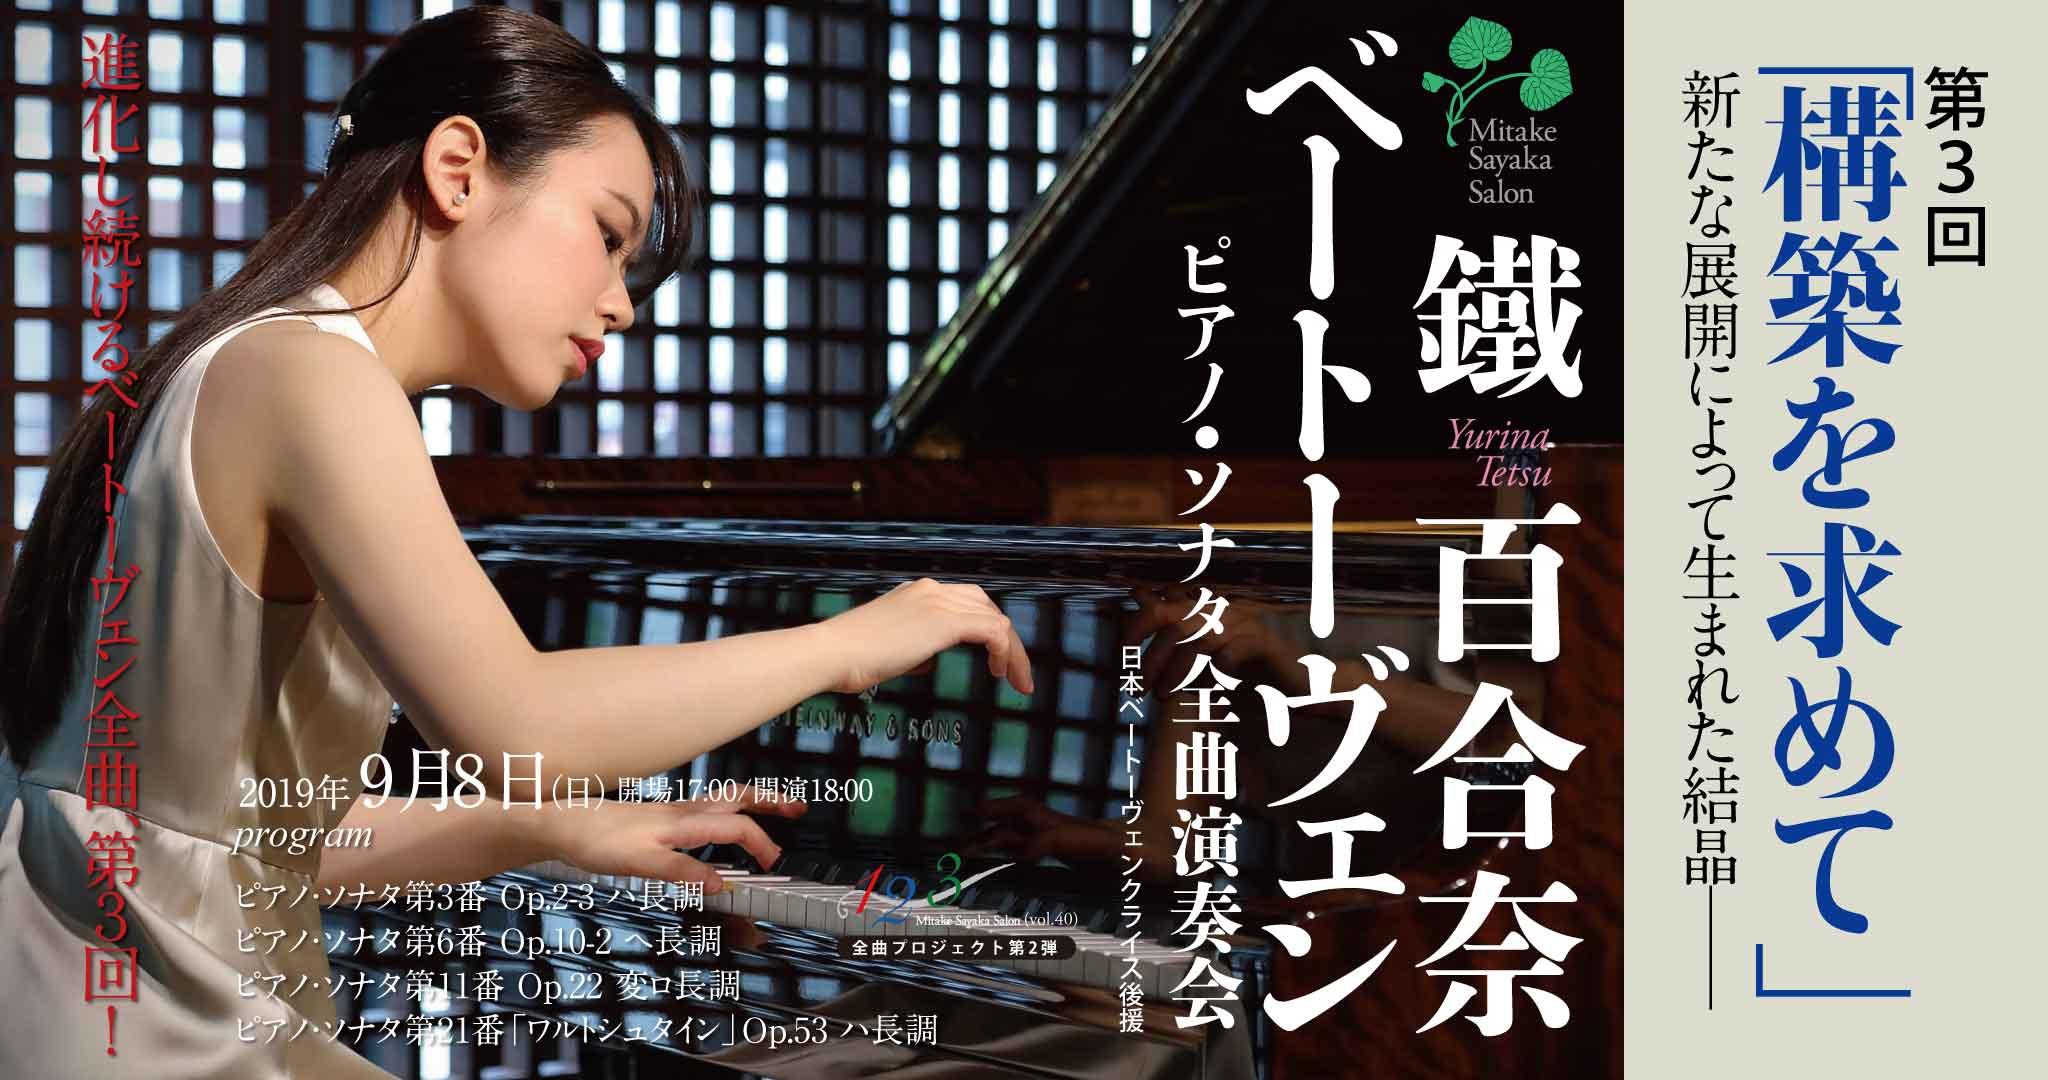 【完売】鐵百合奈ベートーヴェン ピアノ・ソナタ全曲演奏会<第3回>「構築を求めて」